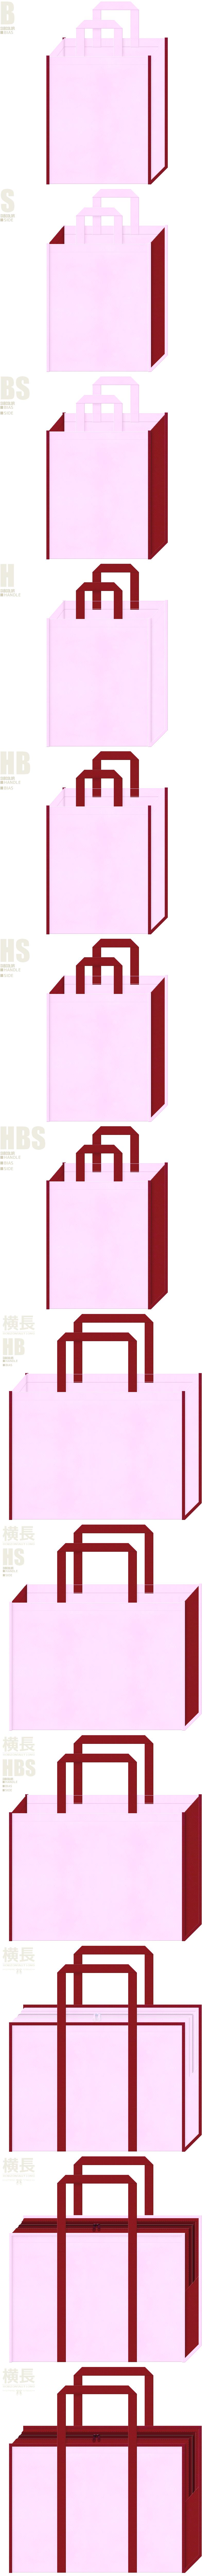 学校・学園・オープンキャンパス・レッスンバッグ・着物・振袖・成人式・ひな祭り・お正月・写真館・和風催事にお奨めの不織布バッグデザイン:明るいピンク色とエンジ色の配色7パターン。